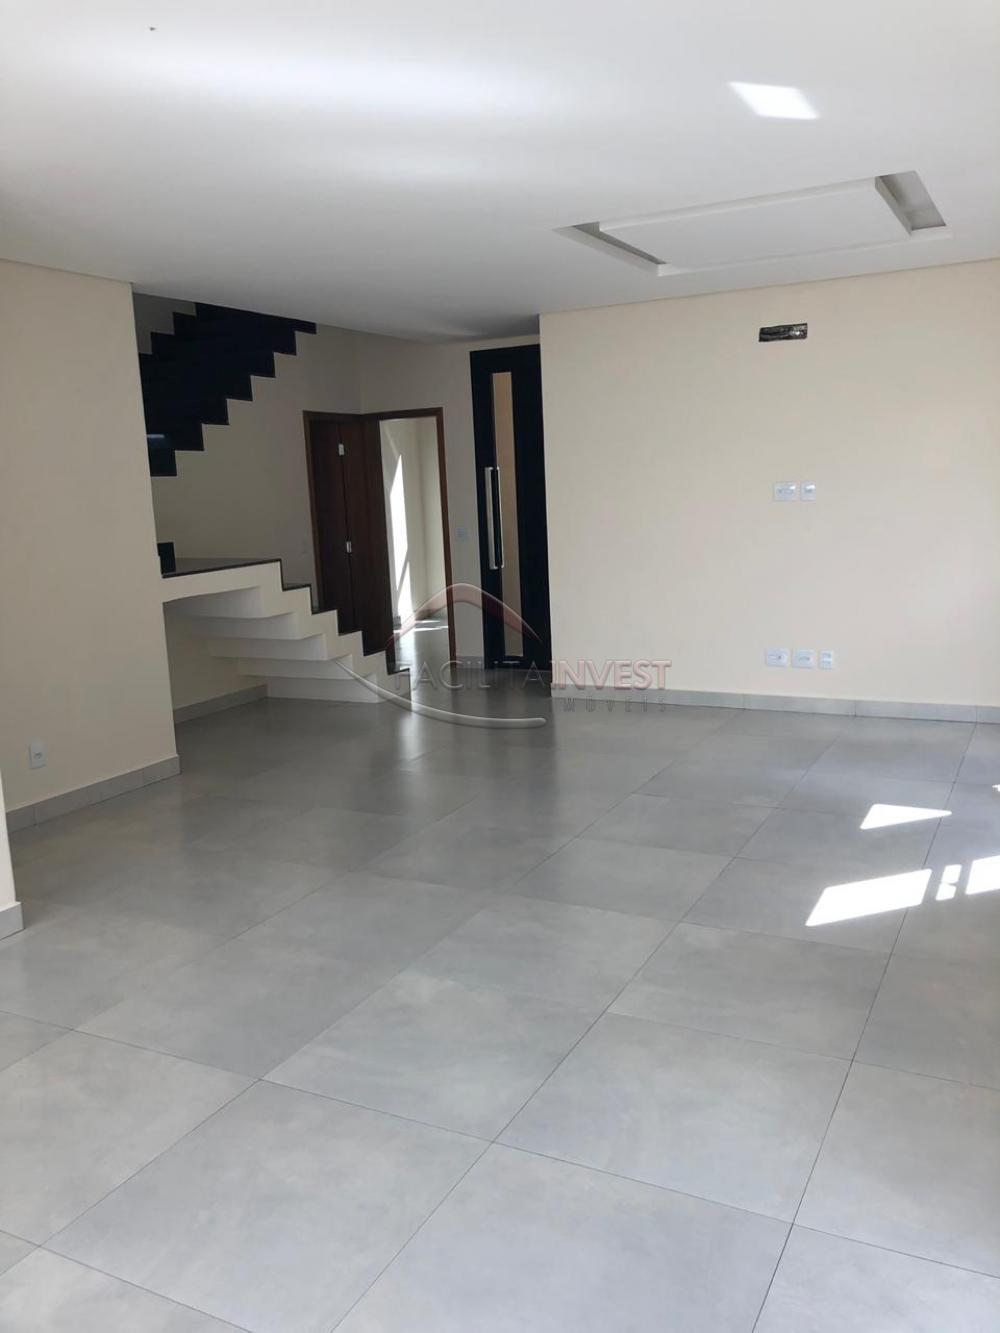 Comprar Casa Condomínio / Casa Condomínio em Ribeirão Preto apenas R$ 880.000,00 - Foto 3